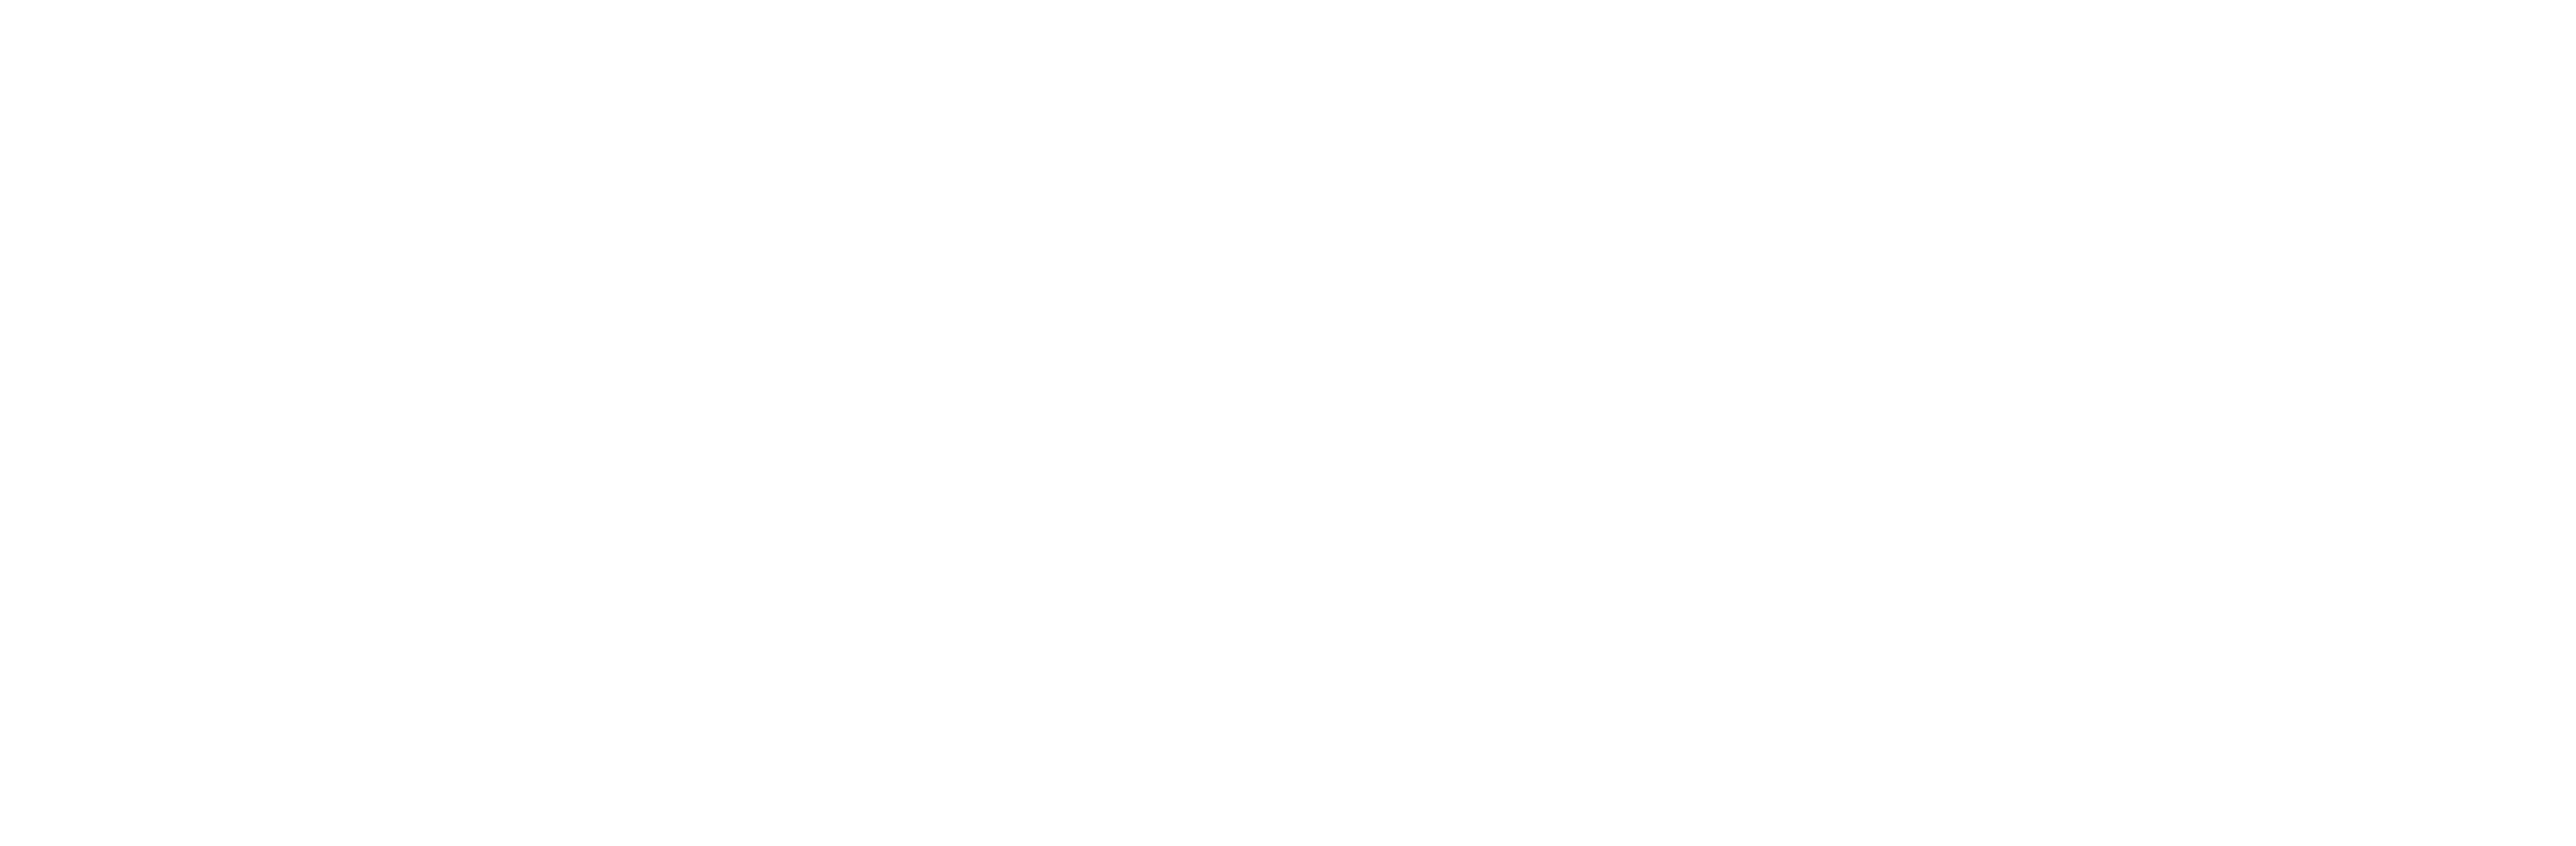 Insurance Partner Logos